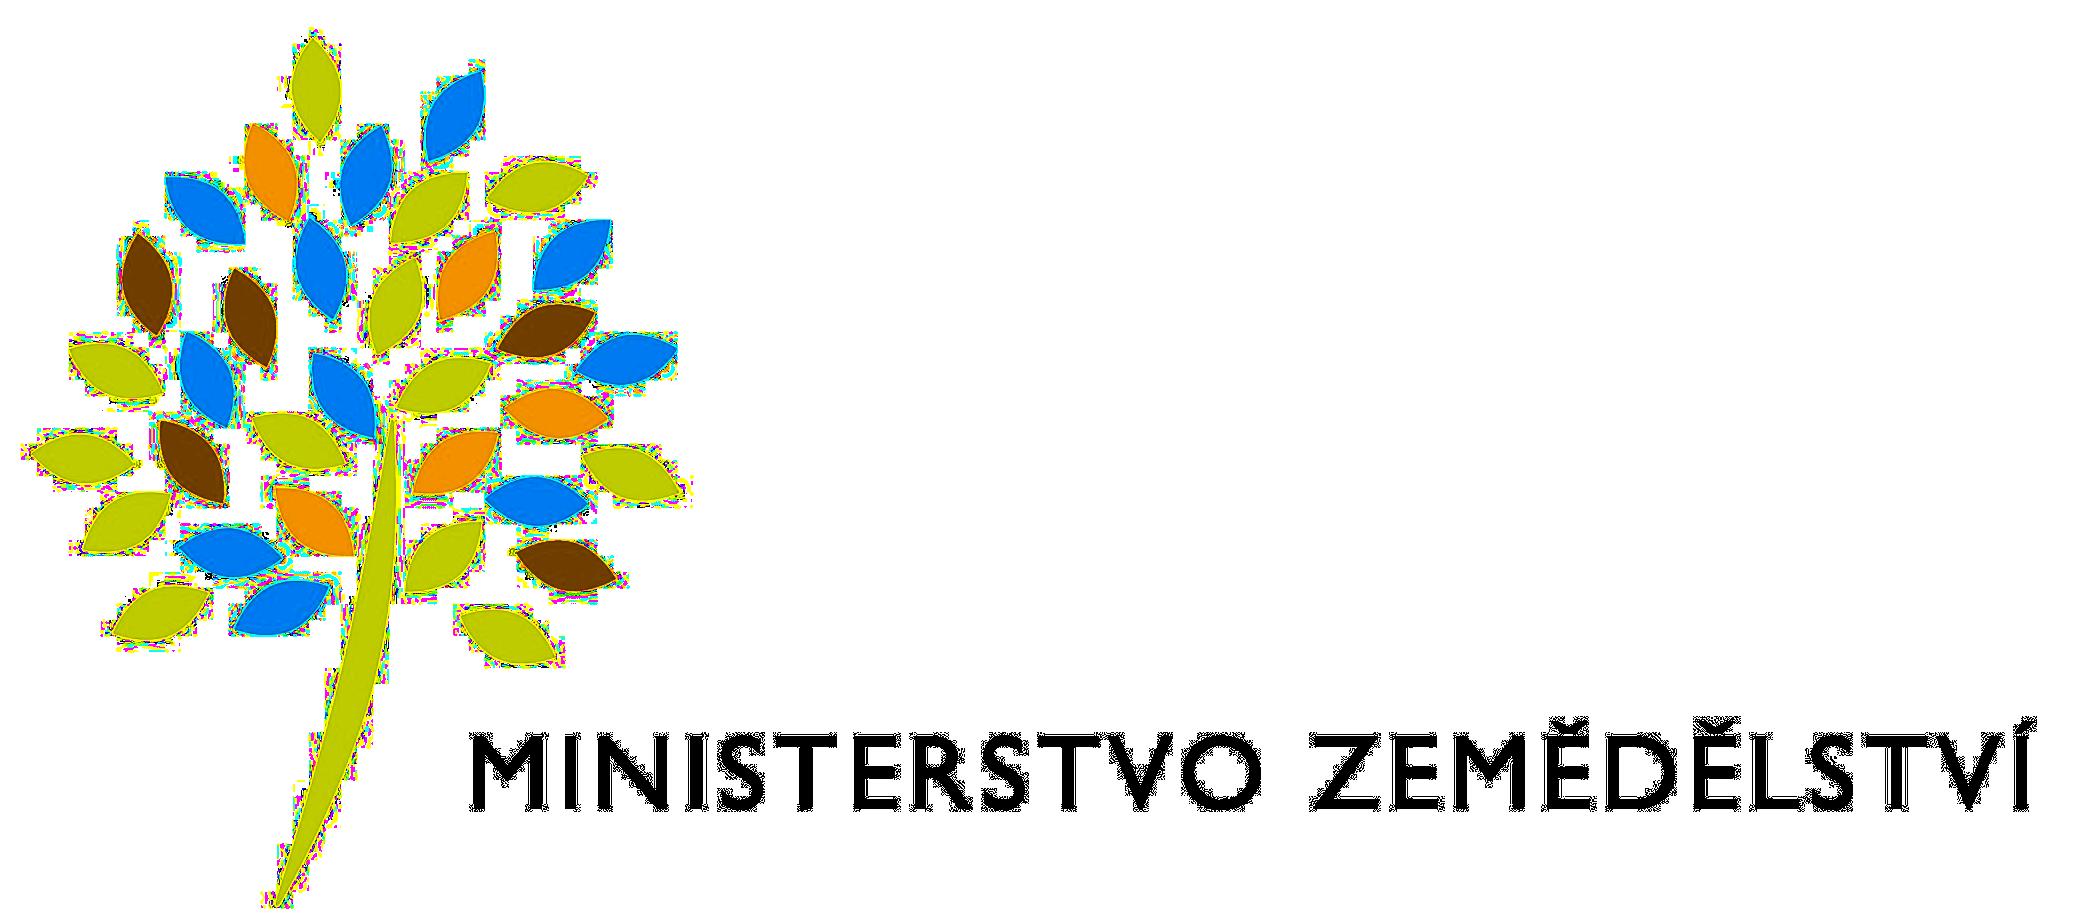 Ministerstvo zemědělství - logo